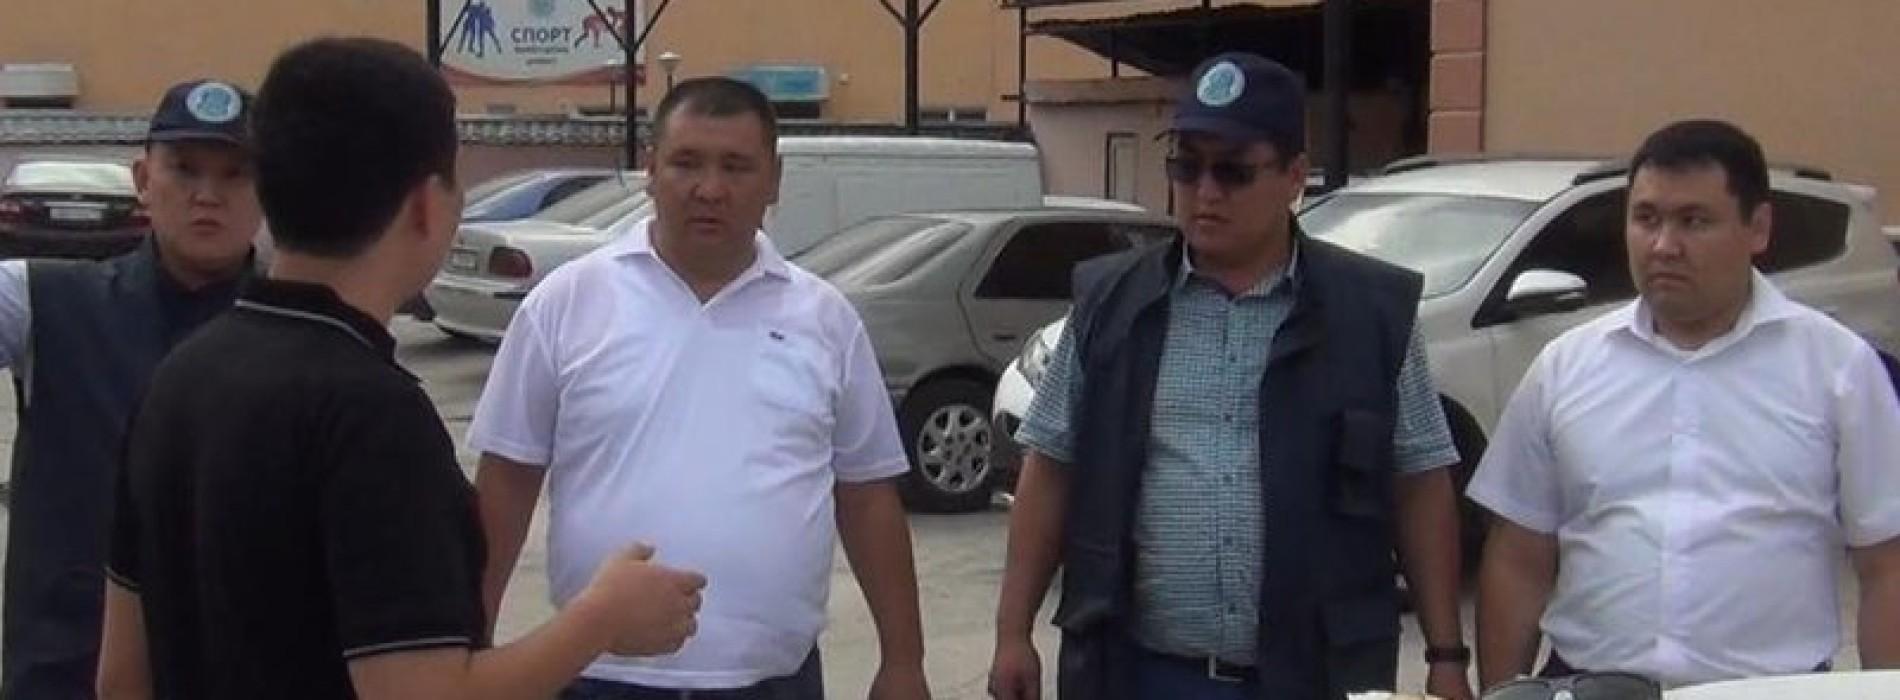 В ЮКО руководитель колледжа задержан за взятку